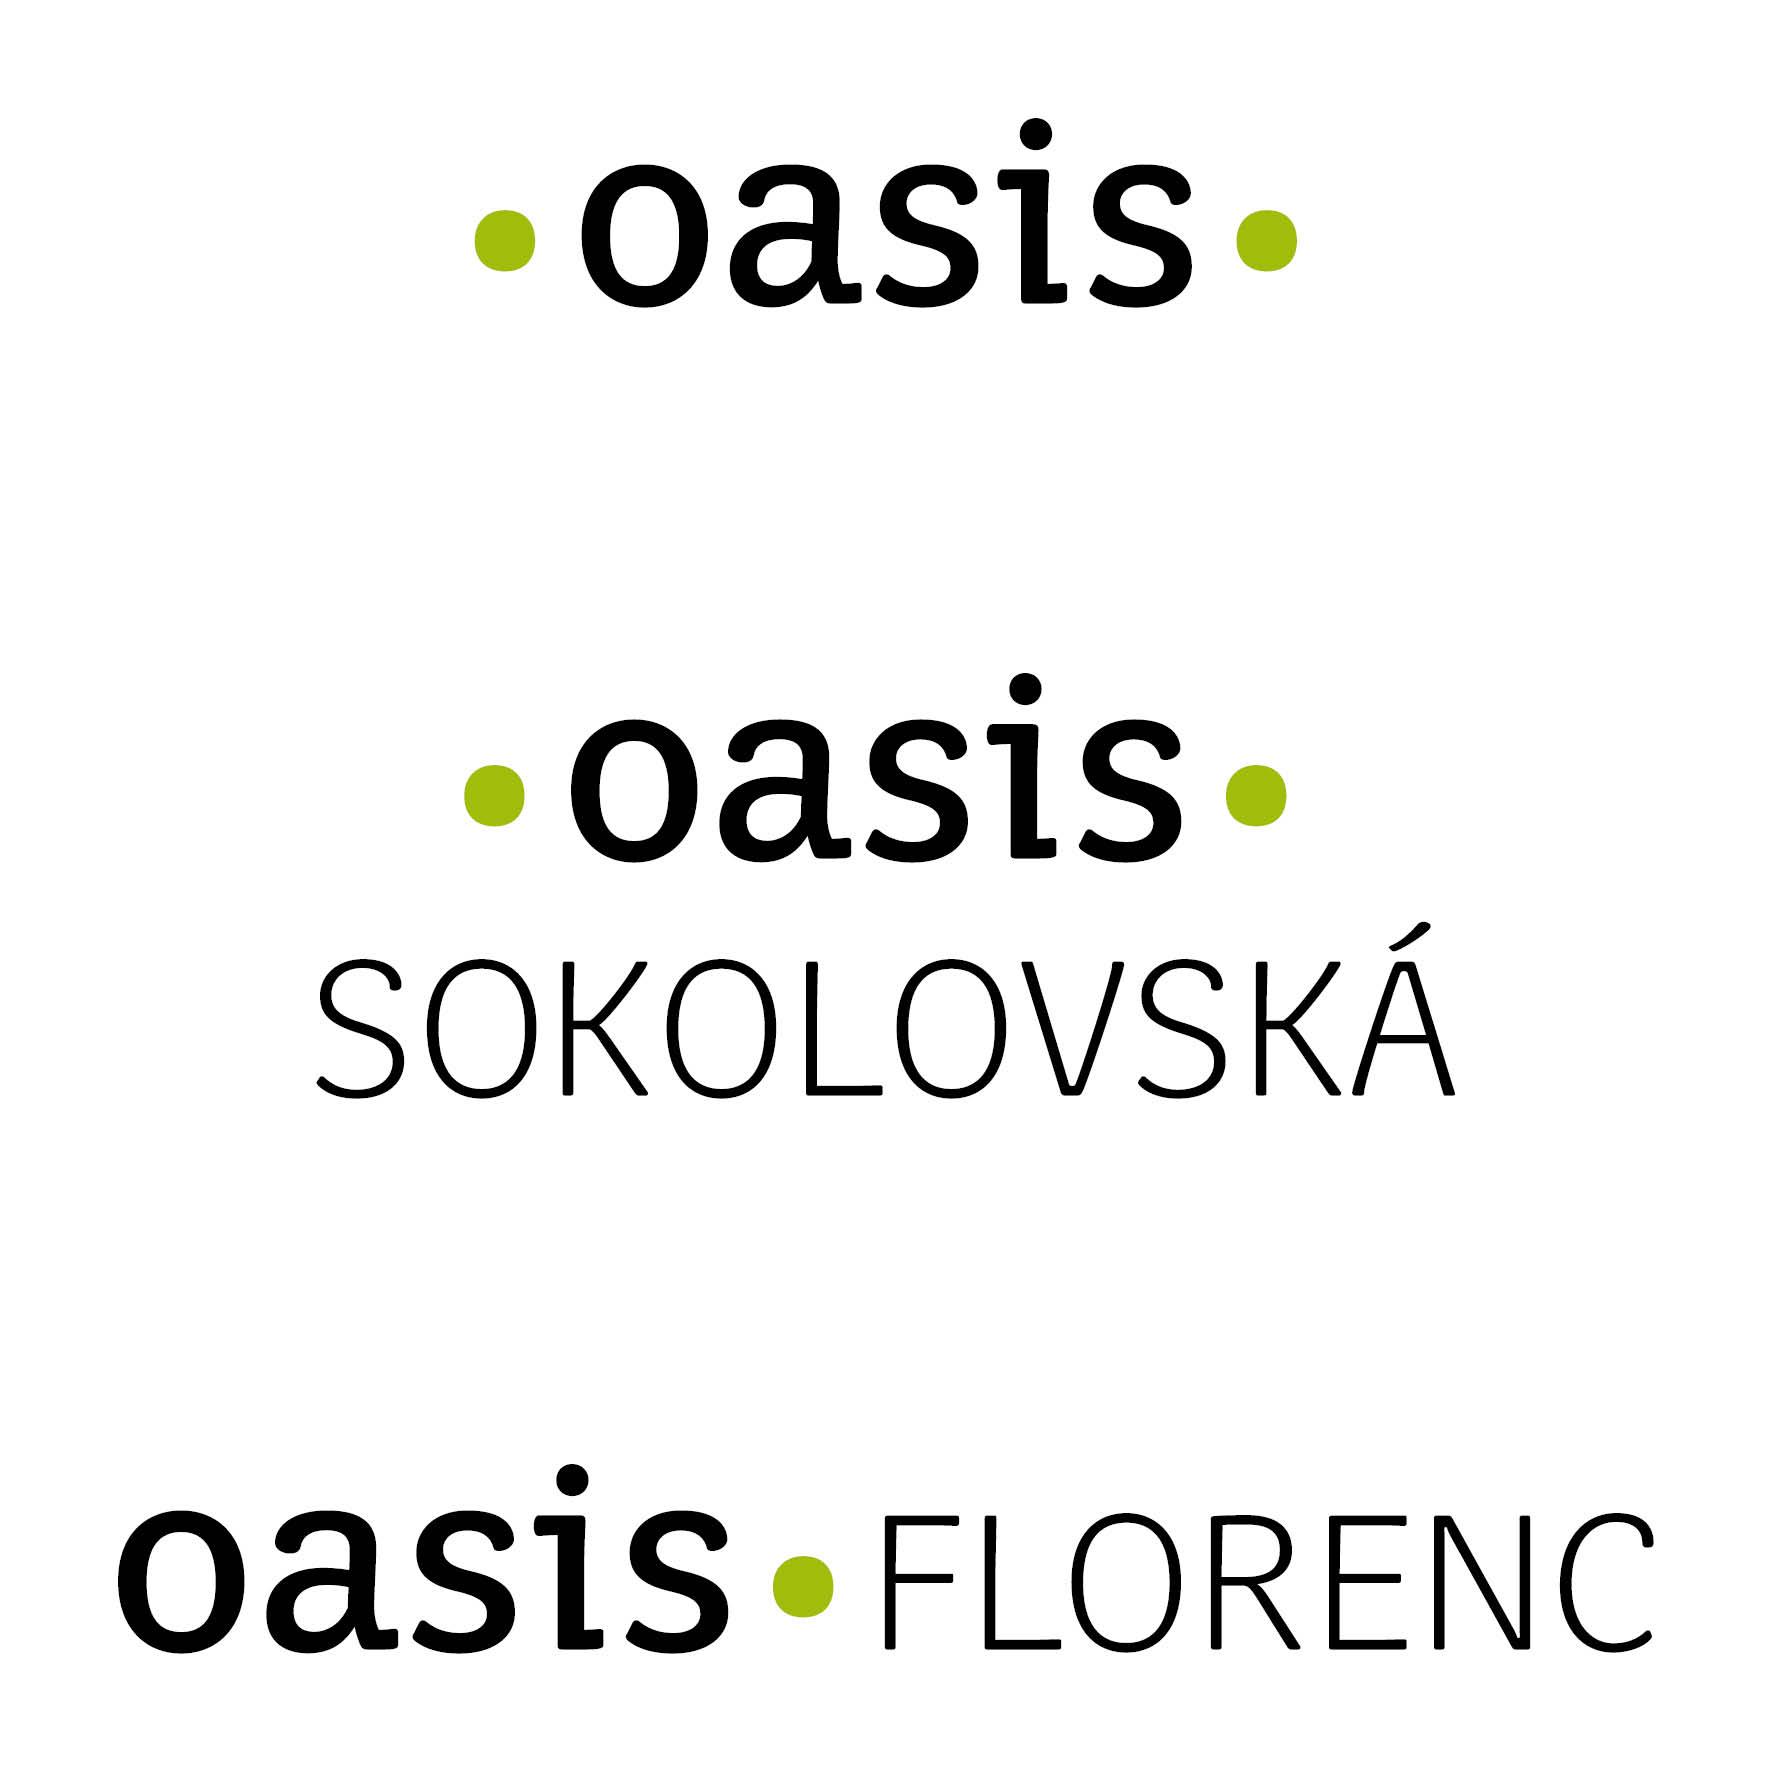 Oasis Florenc